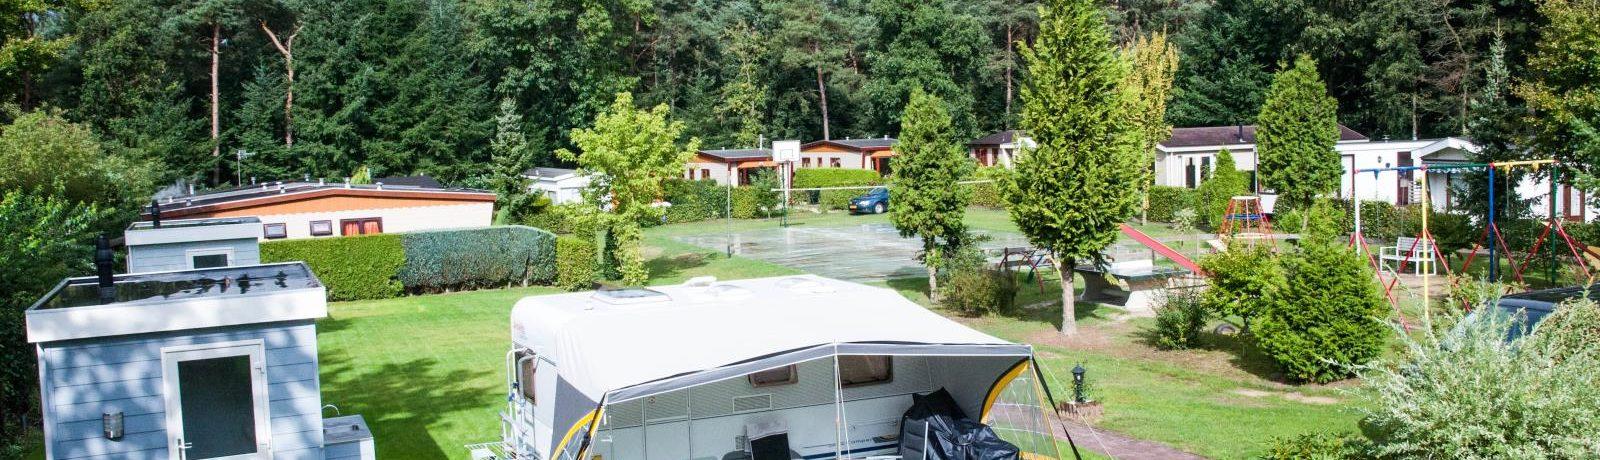 Recreatiepark Boslust is een heerlijke natuurcamping in Putten op het platteland in Gelderland met 10 kampeerplaatsen en 15 huuraccommodaties.